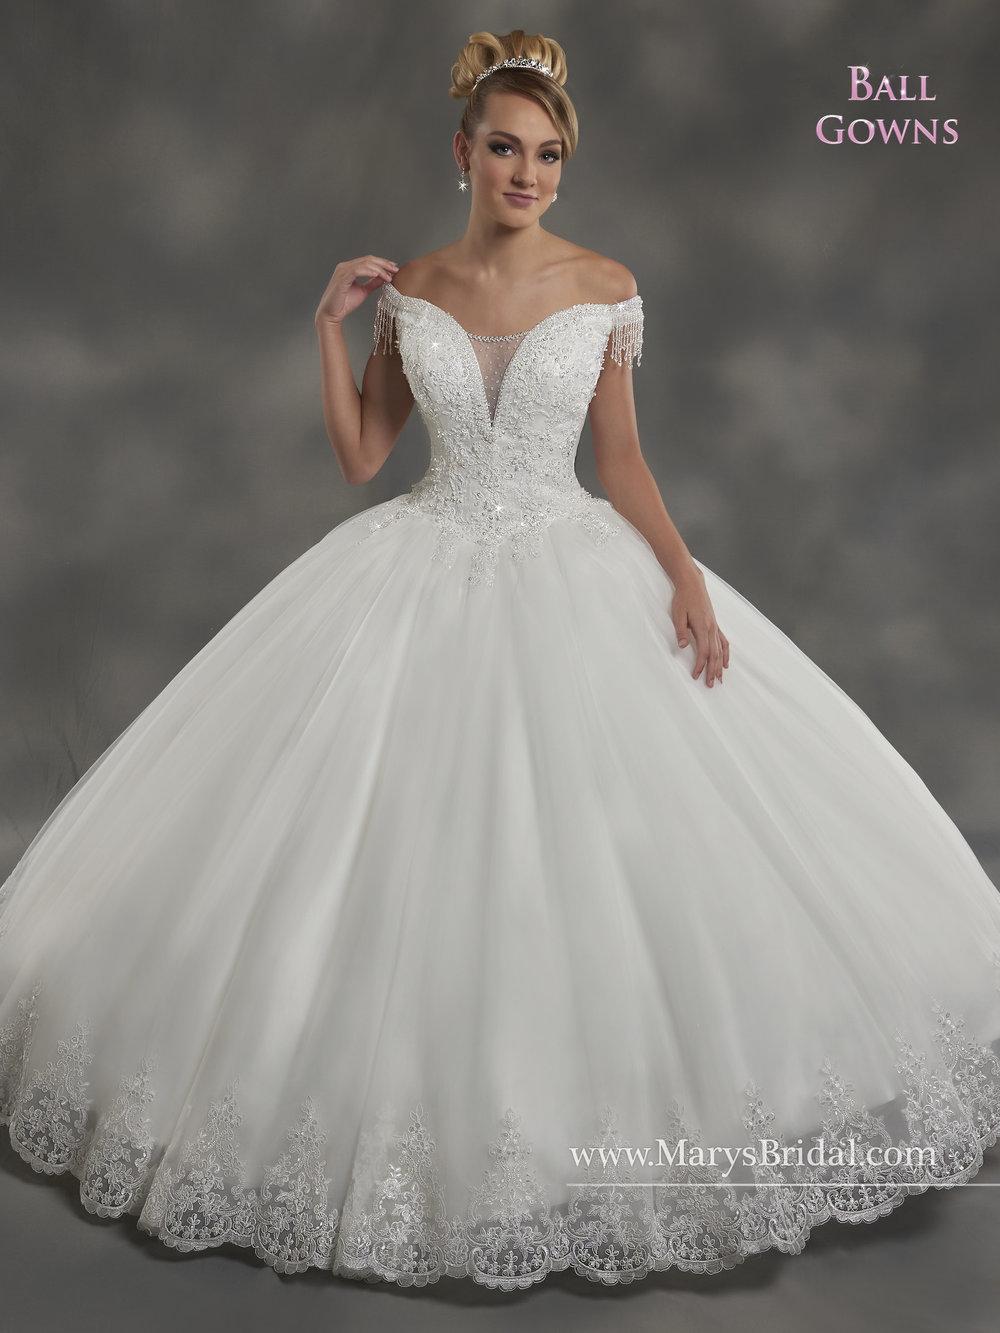 Mary's Bridal Style #2B834